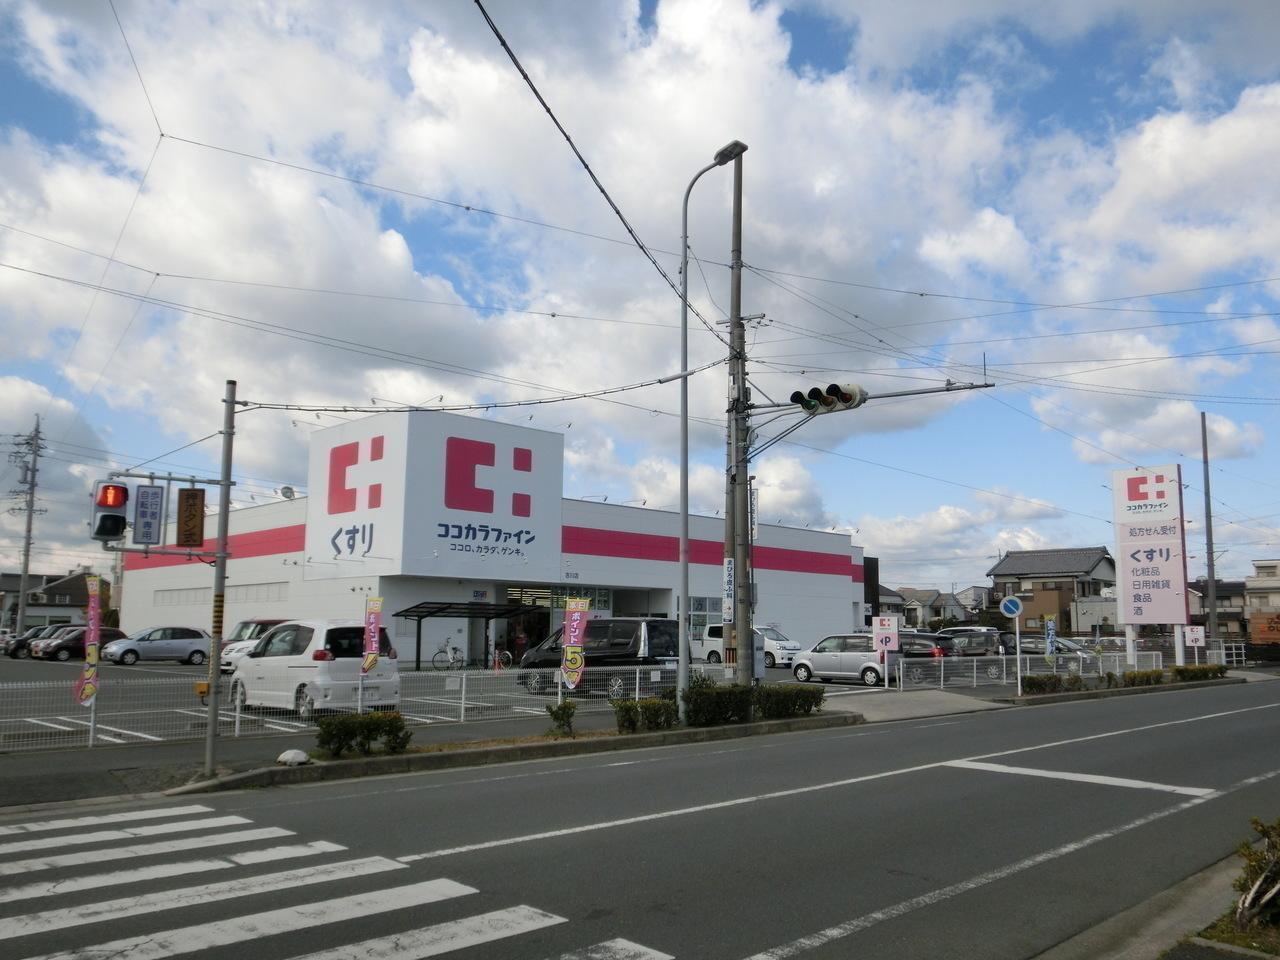 【 ドラッグストア】ココカラファイン吉川店まで徒歩3分(182m)